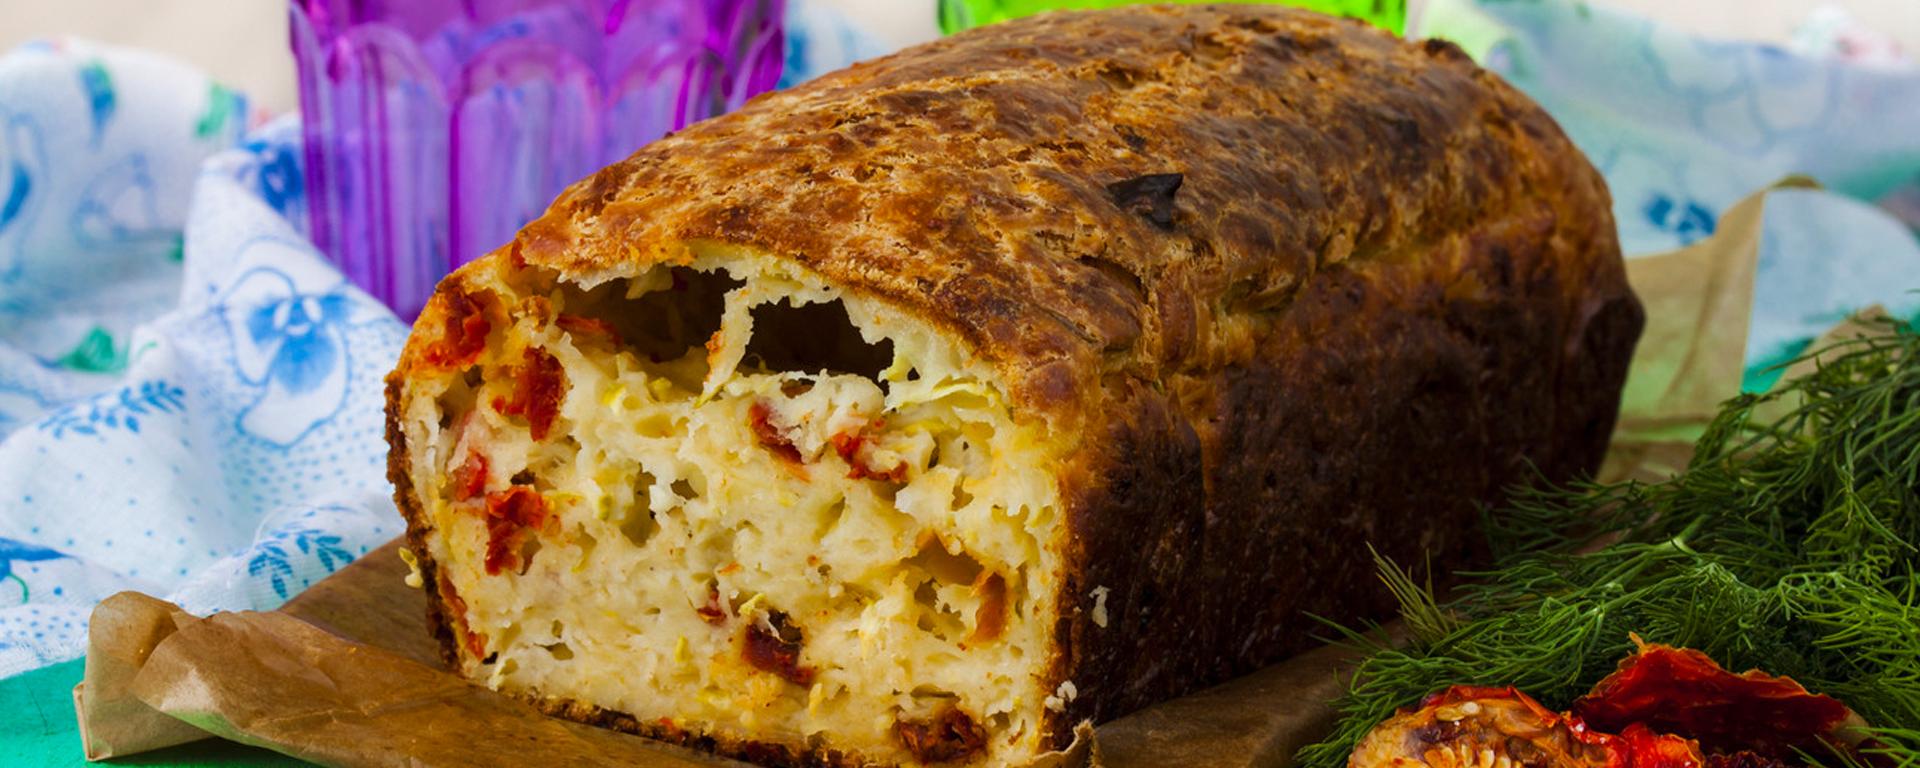 Photo for - Sun-Dried Tomato and Provoloncino Bread